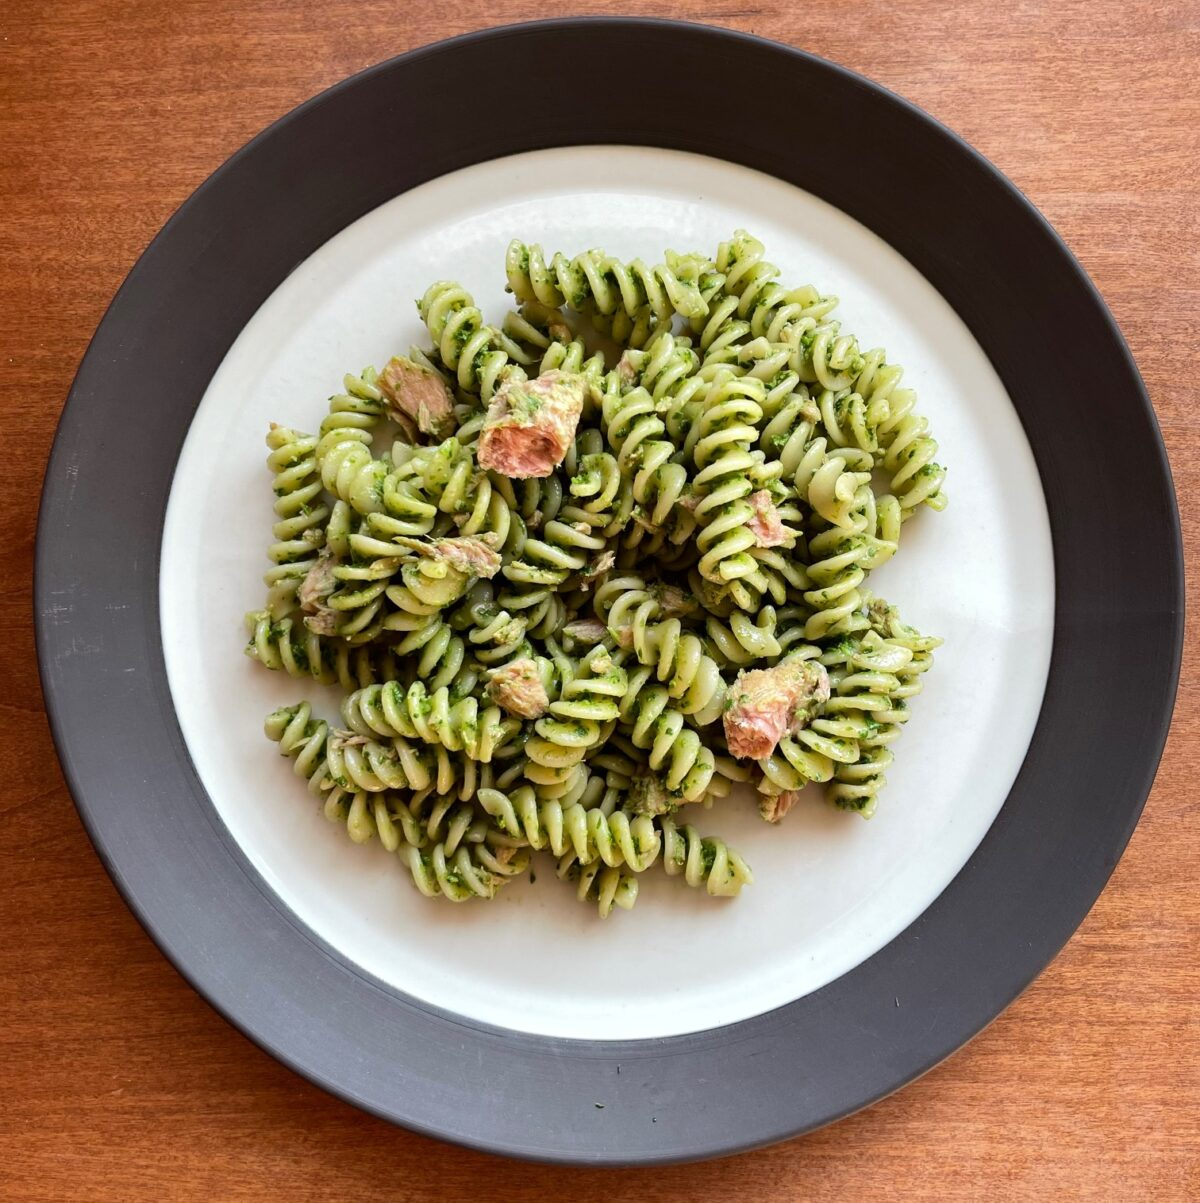 A Tuna Pesto Pasta Recipe with Arugula Spinach Pesto